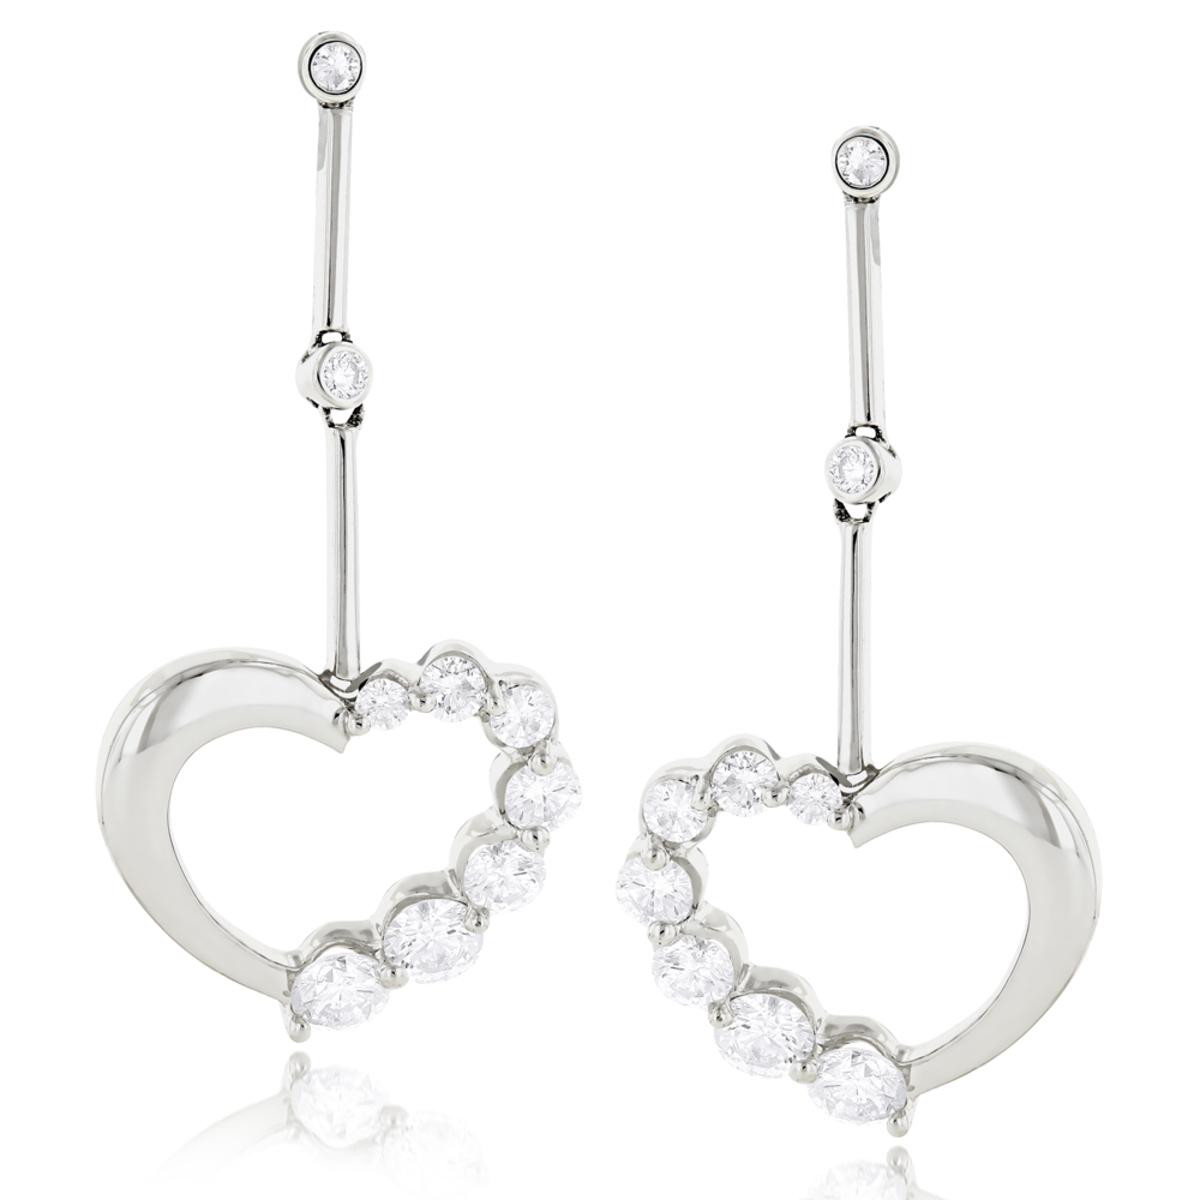 14k Gold Diamond Womens Heart Earrings 1.1 ctw.